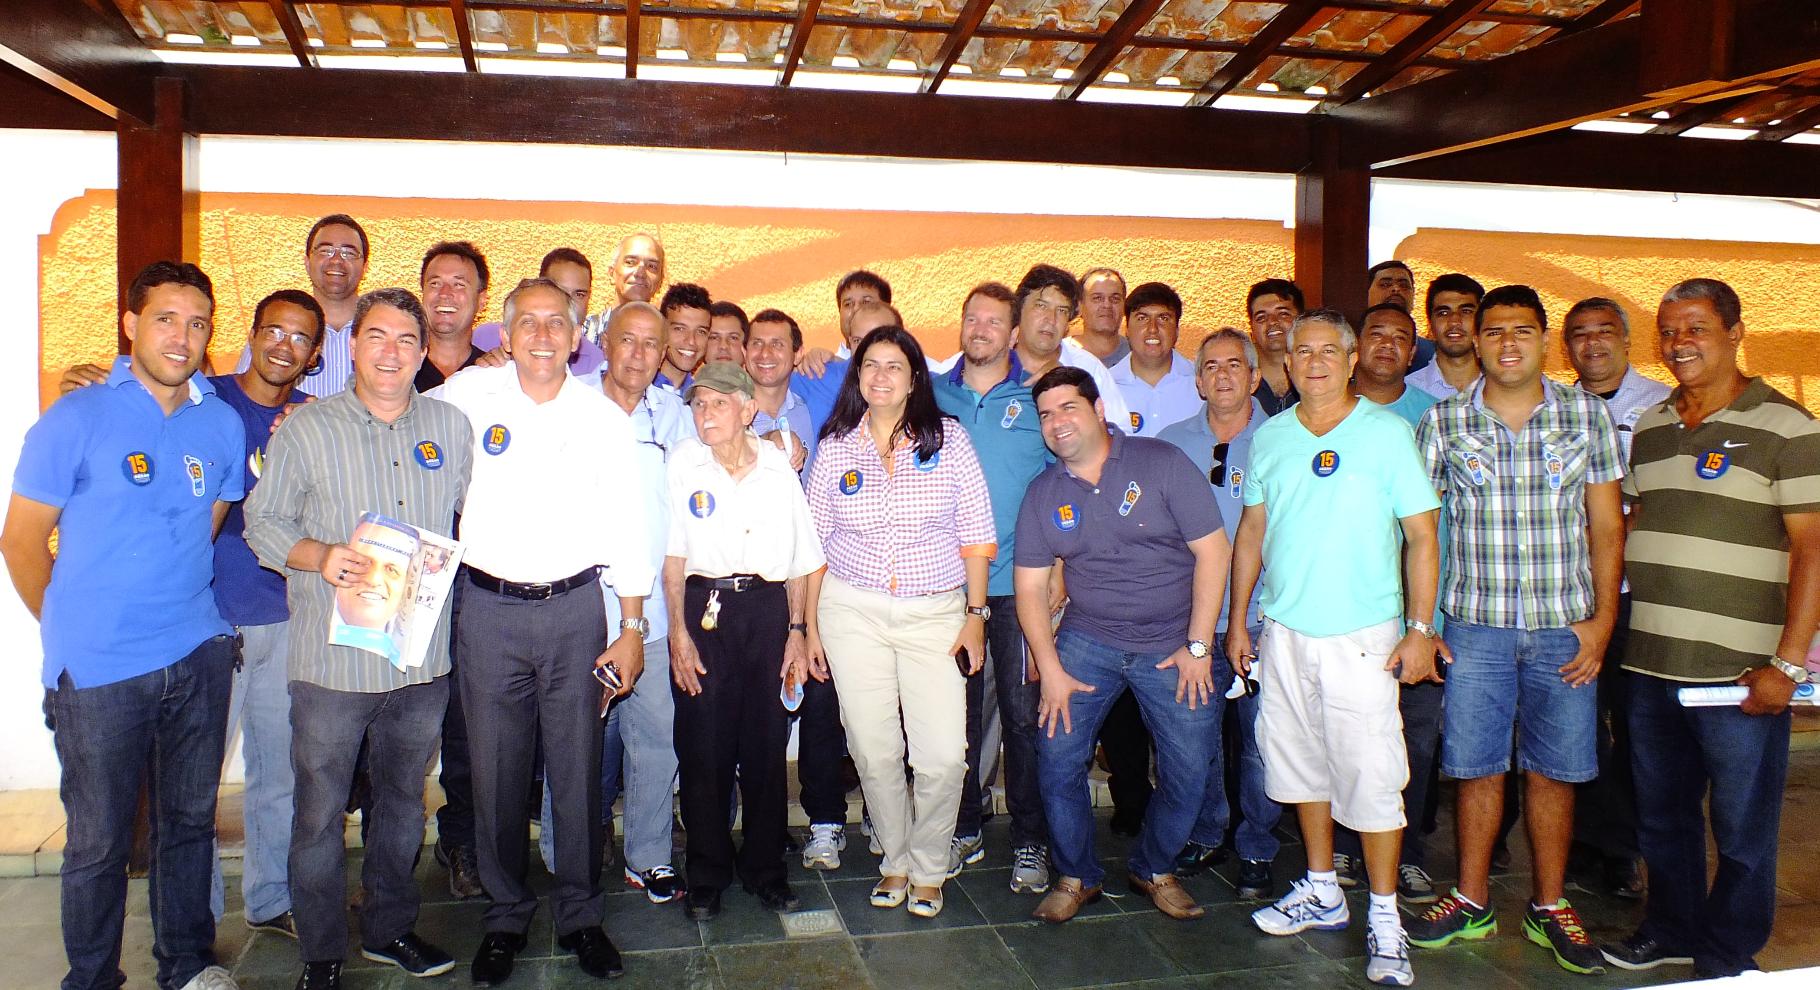 Lideranças políticas de Maricá se unem para apoiar Pezão. (foto: João Henrique | MaricáInfo.com)